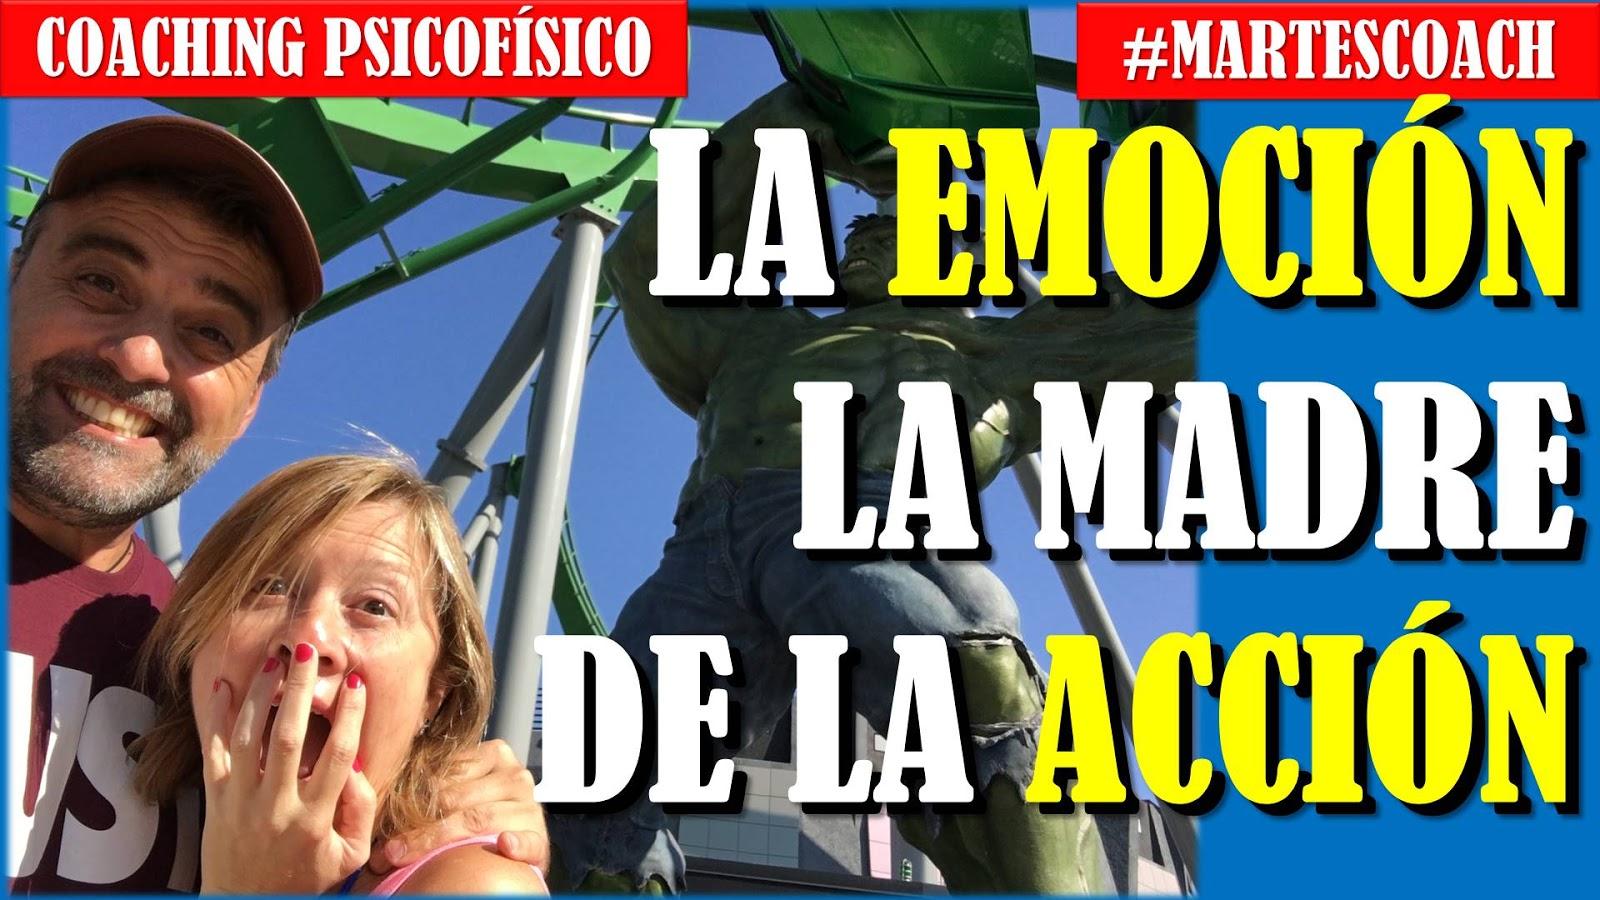 La emoción es la madre de la acción #MartesCoach